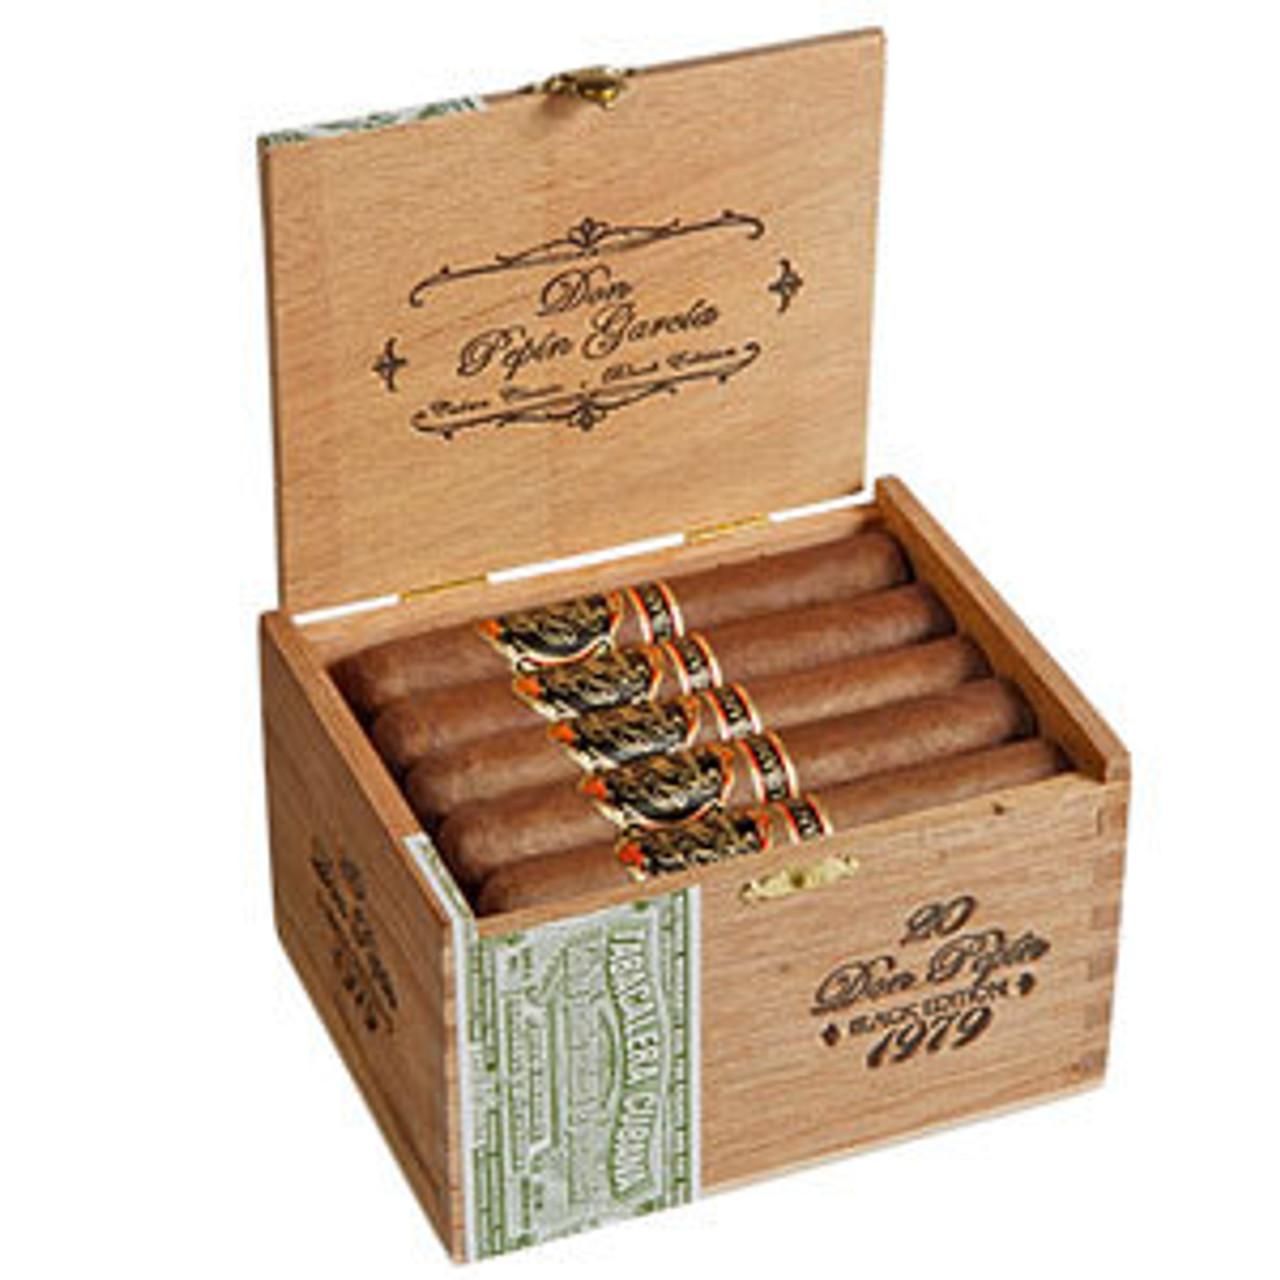 Don Pepin Garcia Clasicos Black Edition 1979 Robusto Cigars - 5 x 50 (Box of 20)